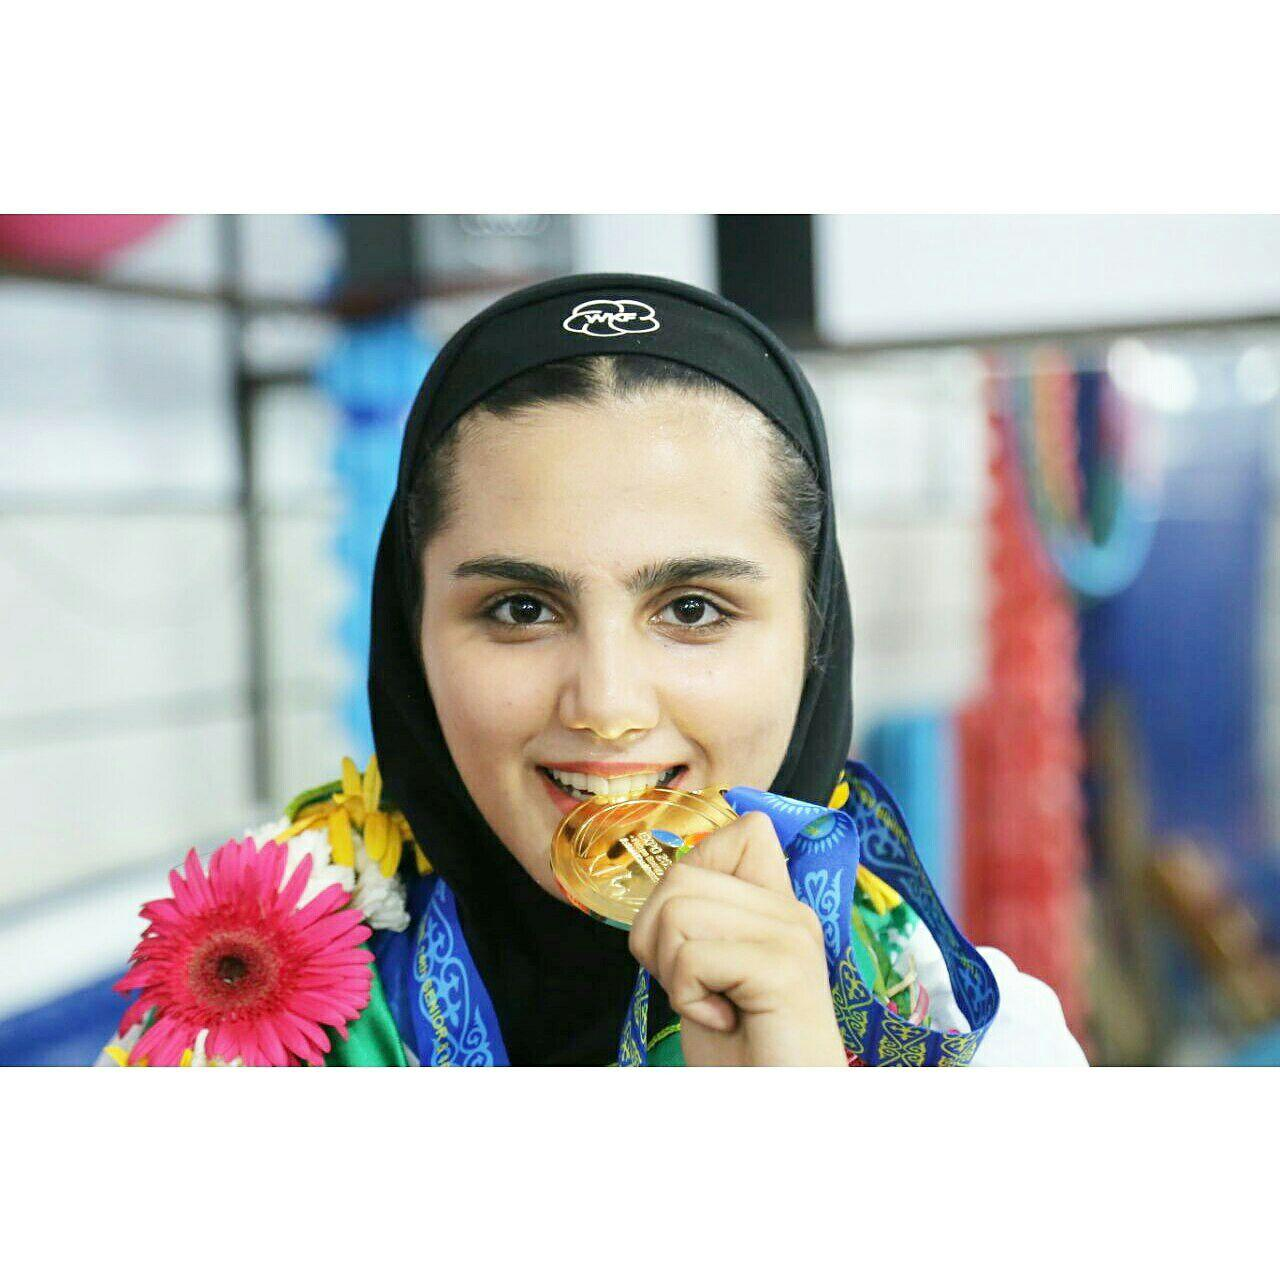 آرزو لونجی :خواهشا مسئولین توجه بیشتری به ما دختران داشته باشند/حجابم افتخارم است !